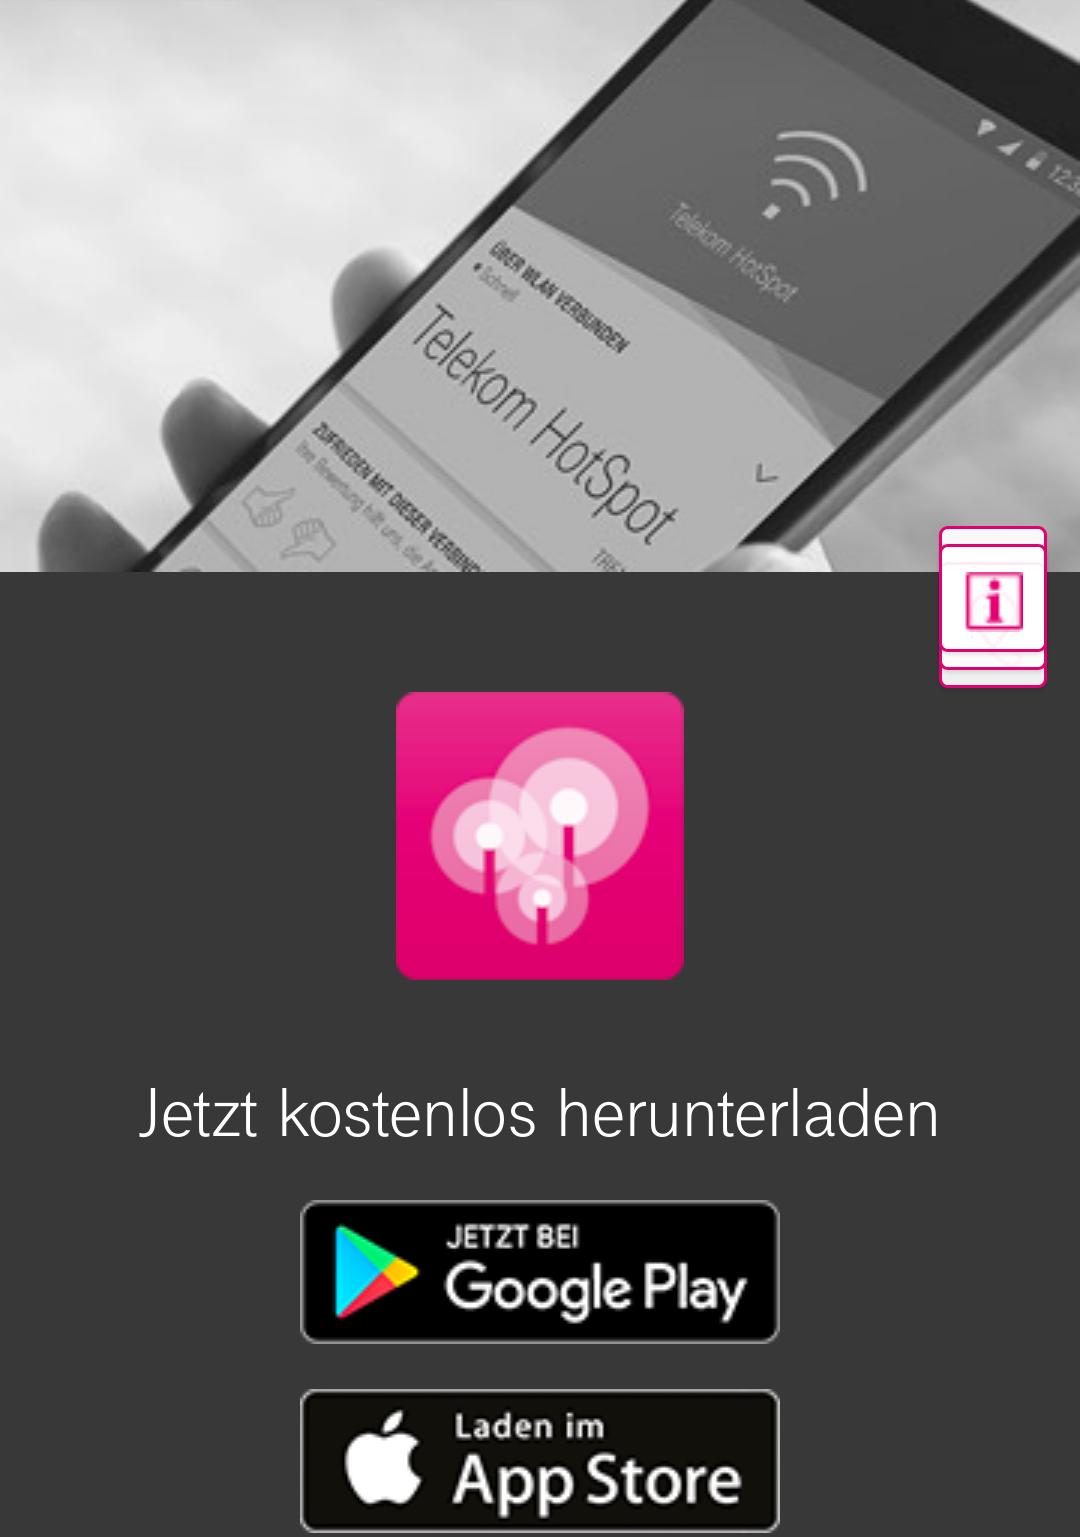 Gratis WLAN-VPN (deutsches Netzwerk) via App für Telekom-Kunden